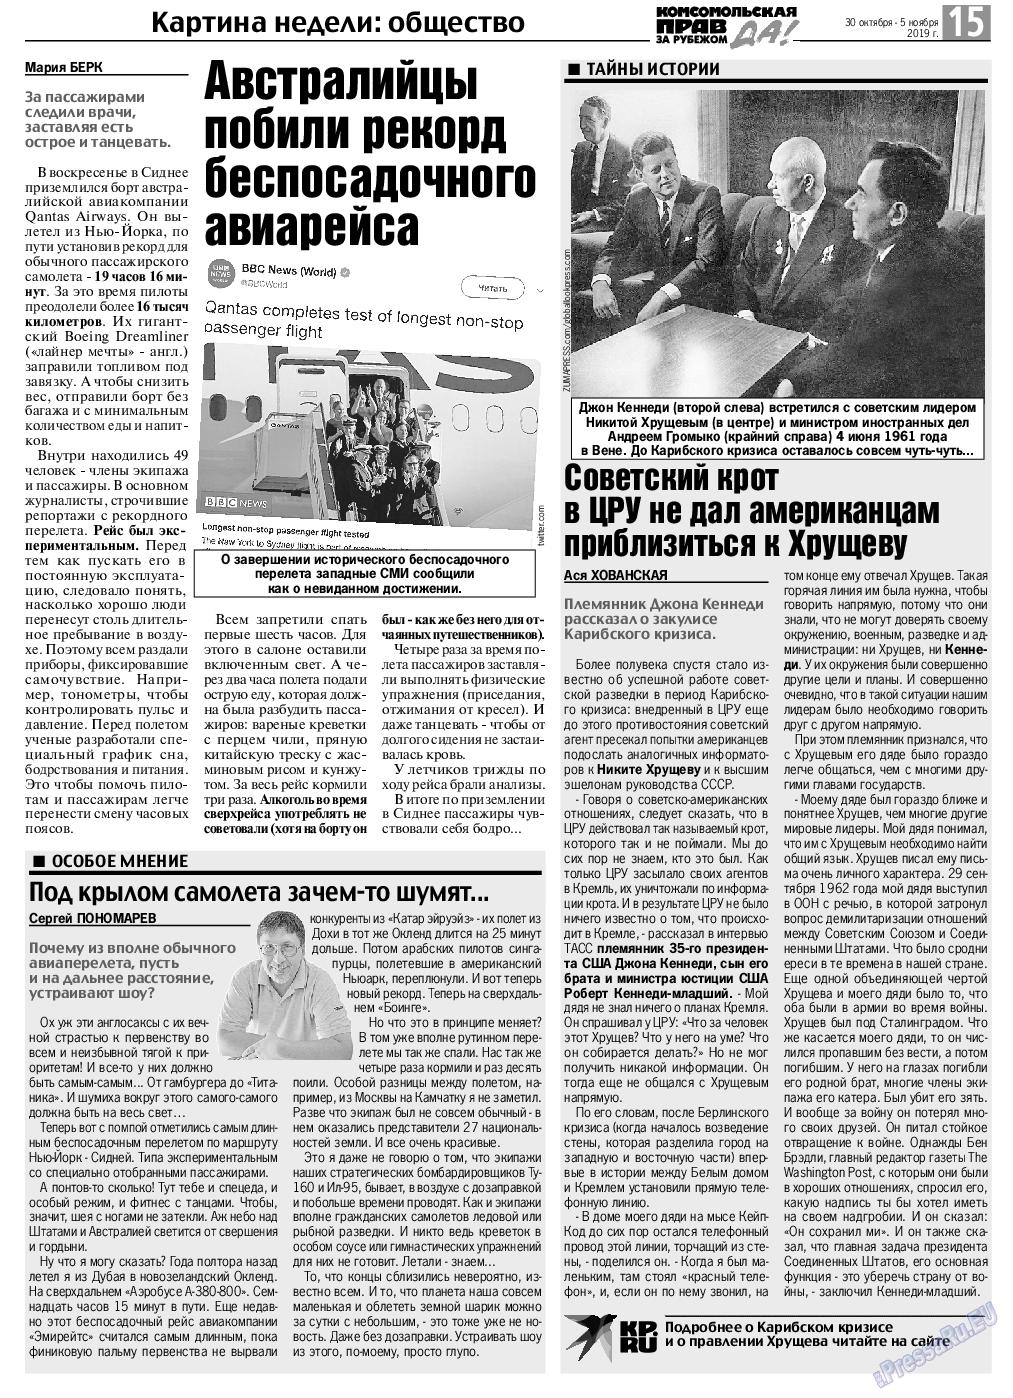 КП в Европе (газета). 2019 год, номер 44, стр. 15